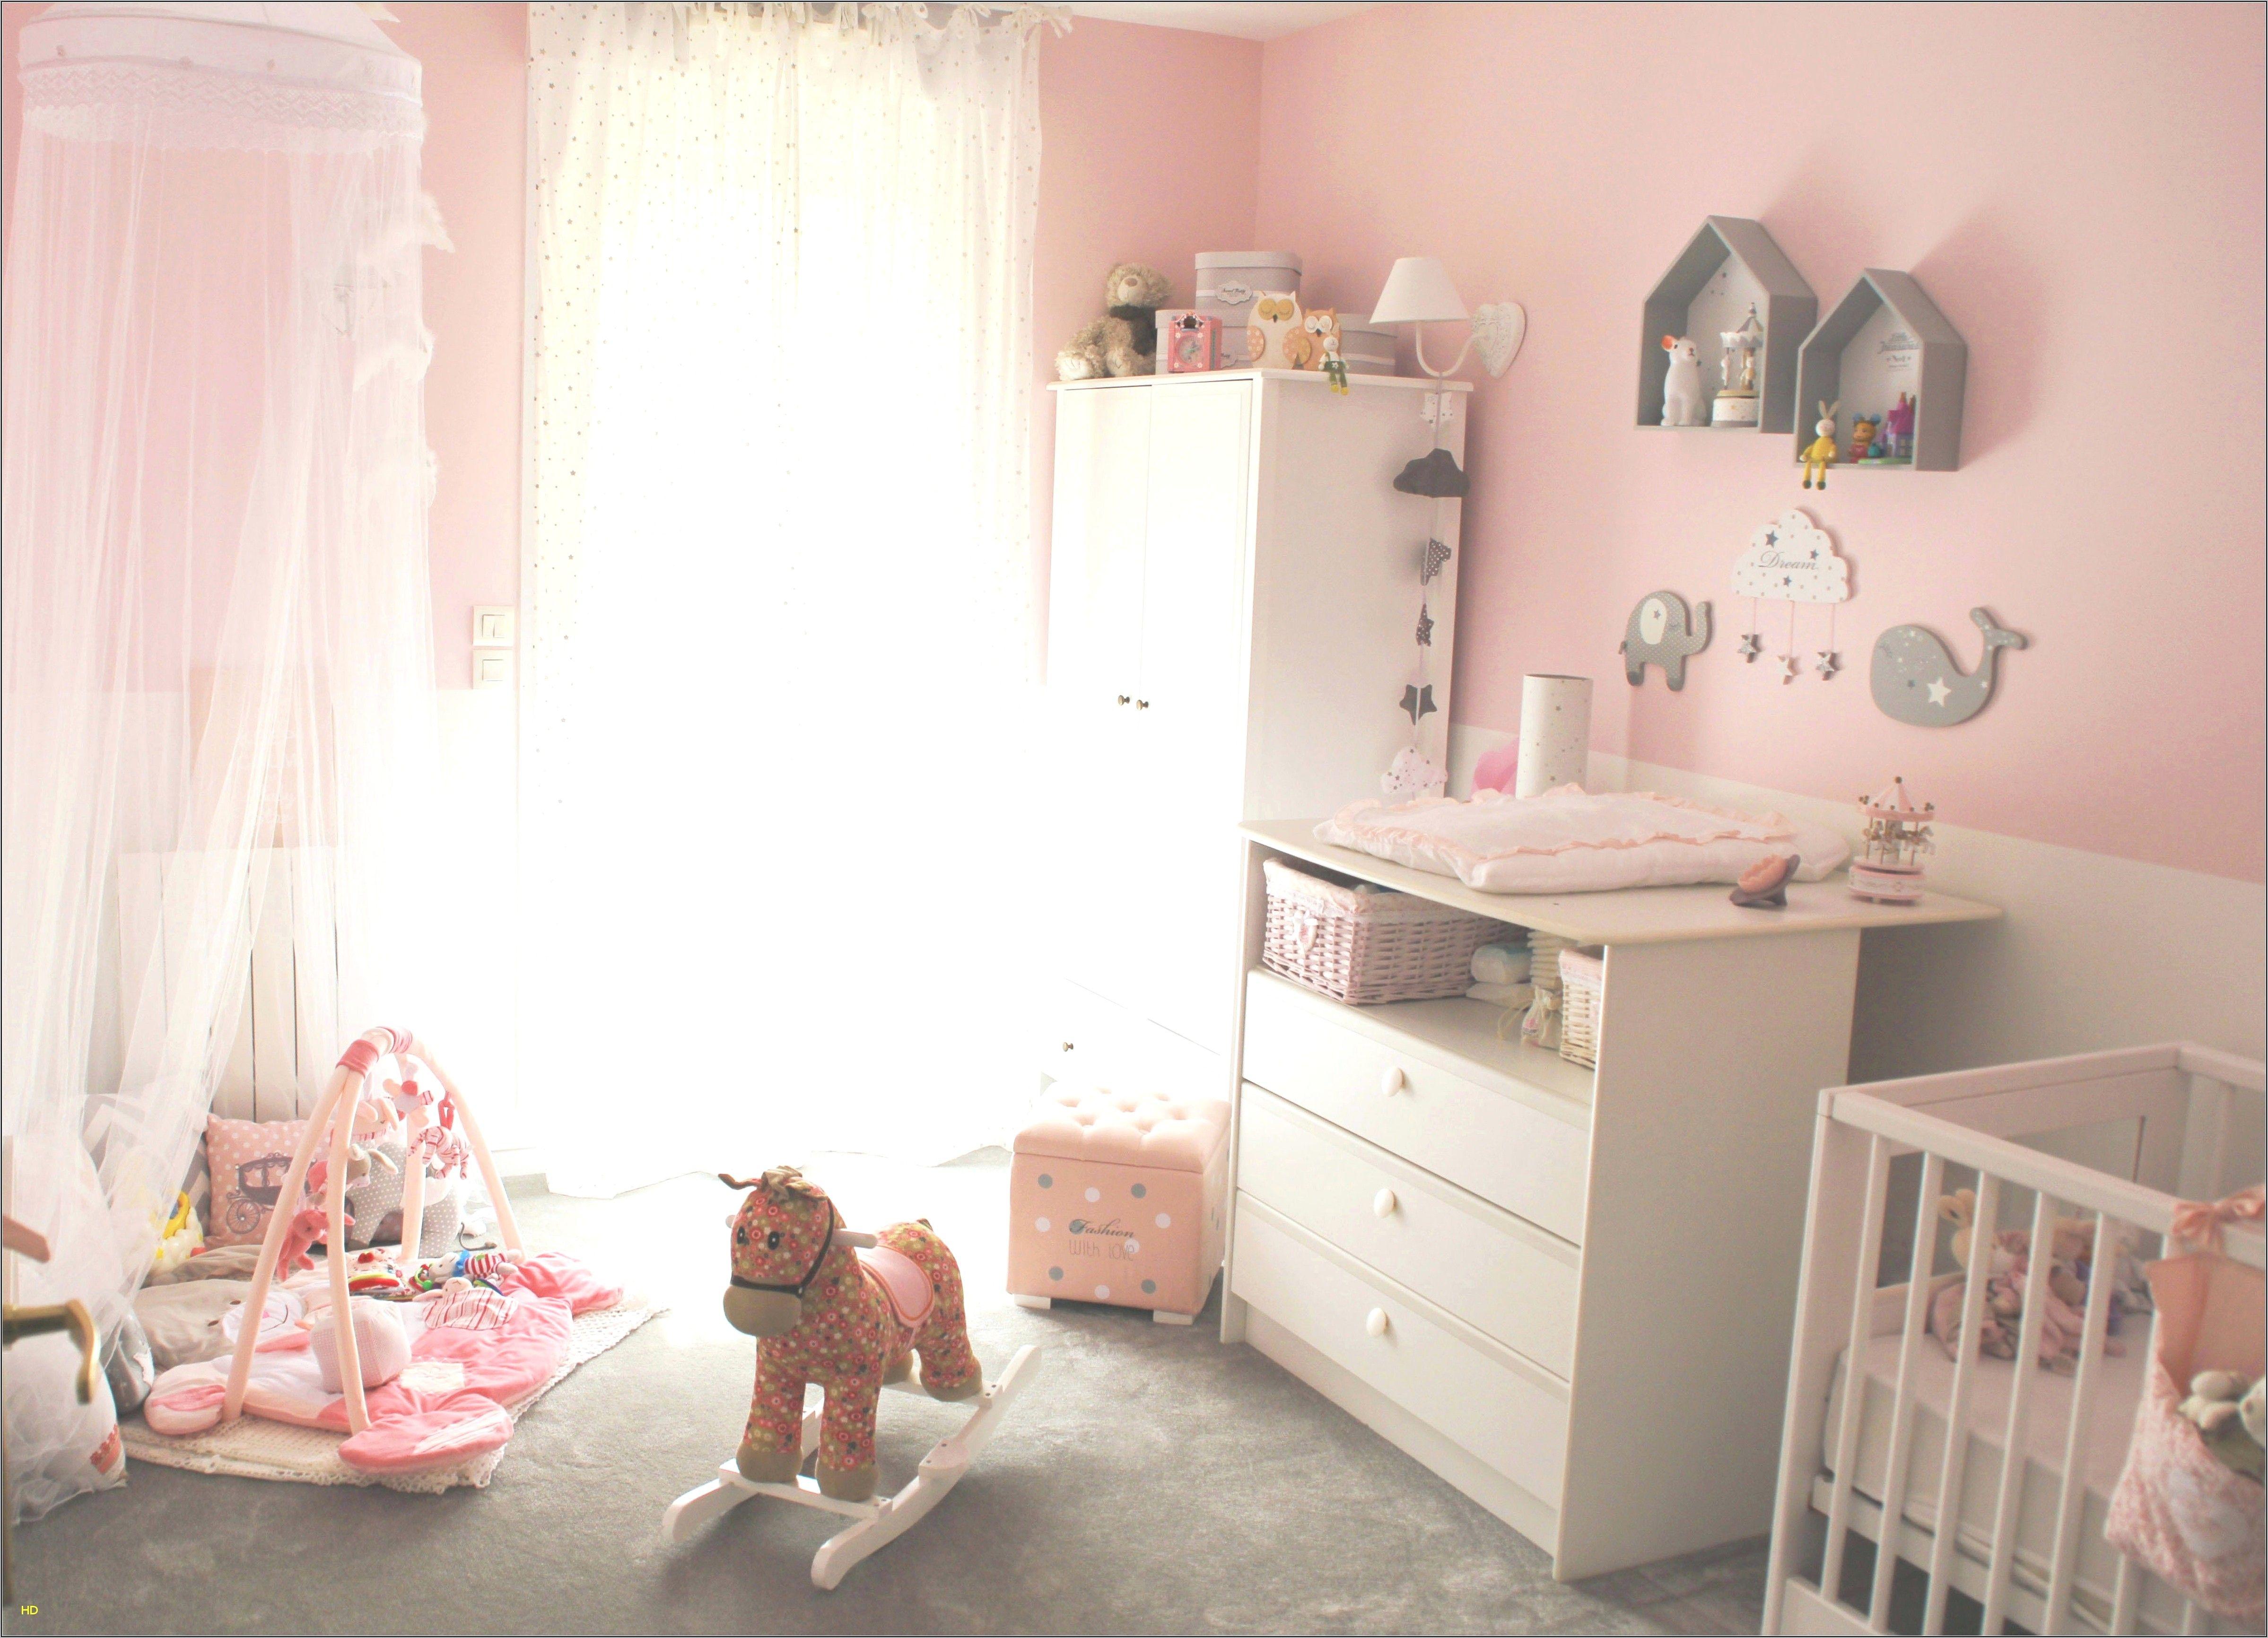 Deco Chambre Bebe Fille deco chambre bebe fille jaune et gris en 2020 | idees deco